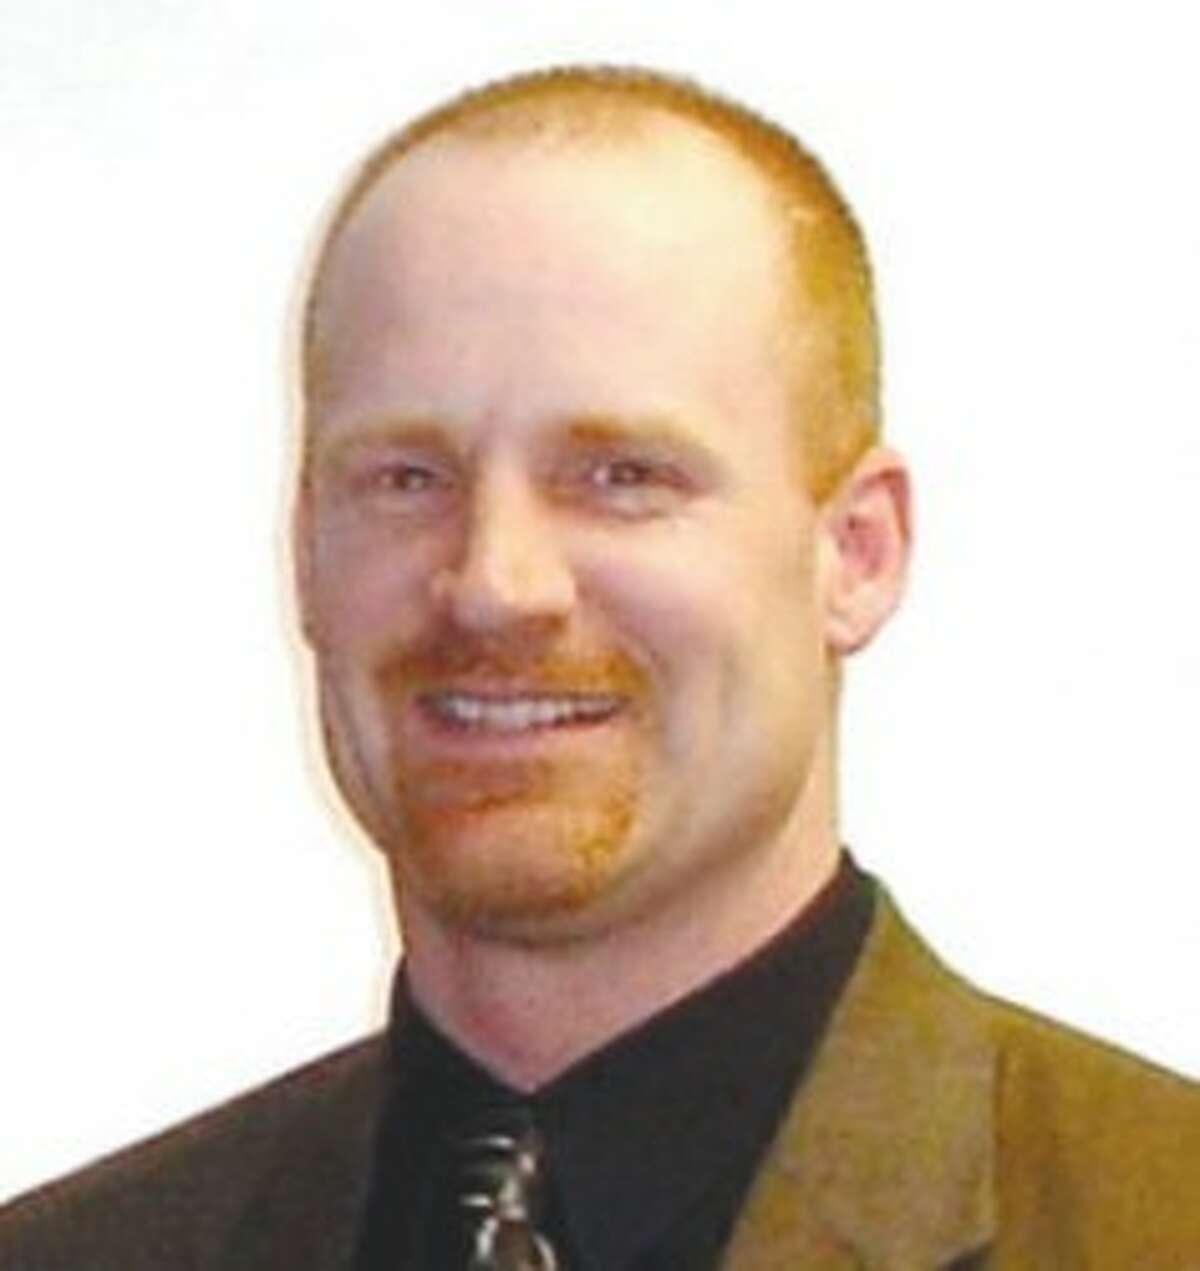 MOISD Superintendent Curt Finch